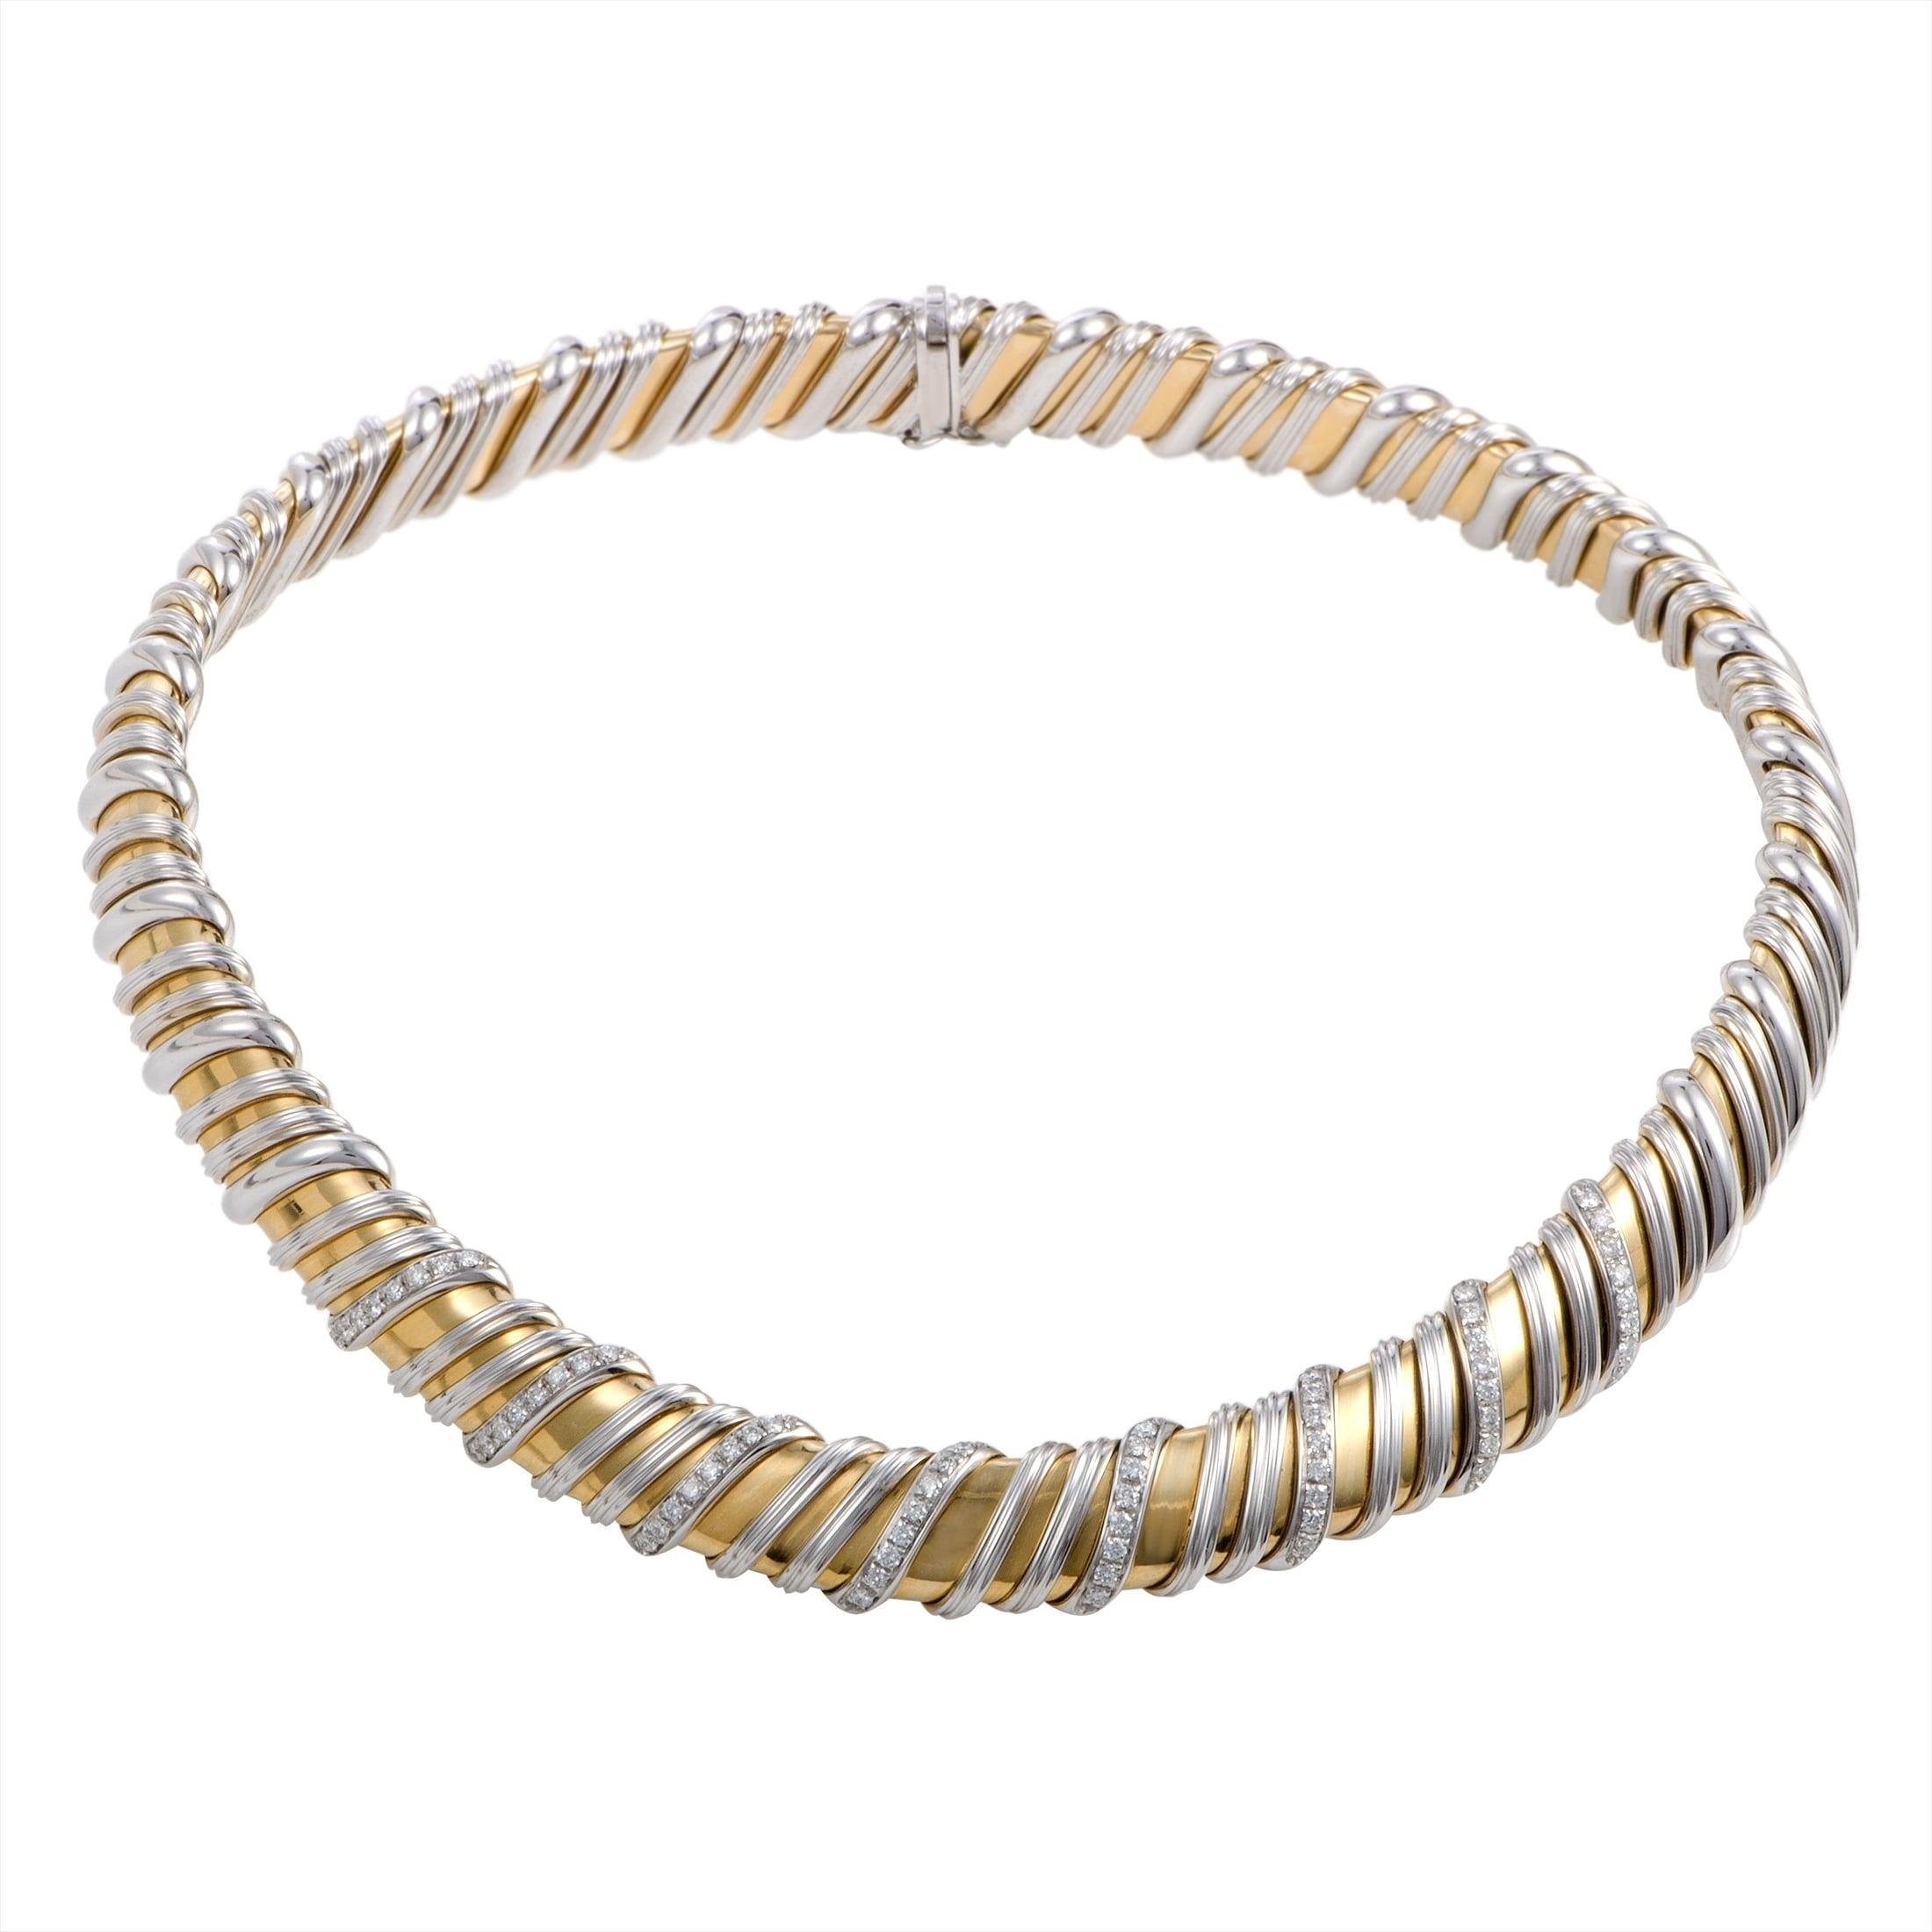 39d70e1a62e5 Shop Roberto Coin Nabucco White and Yellow Gold Diamond Choker ...